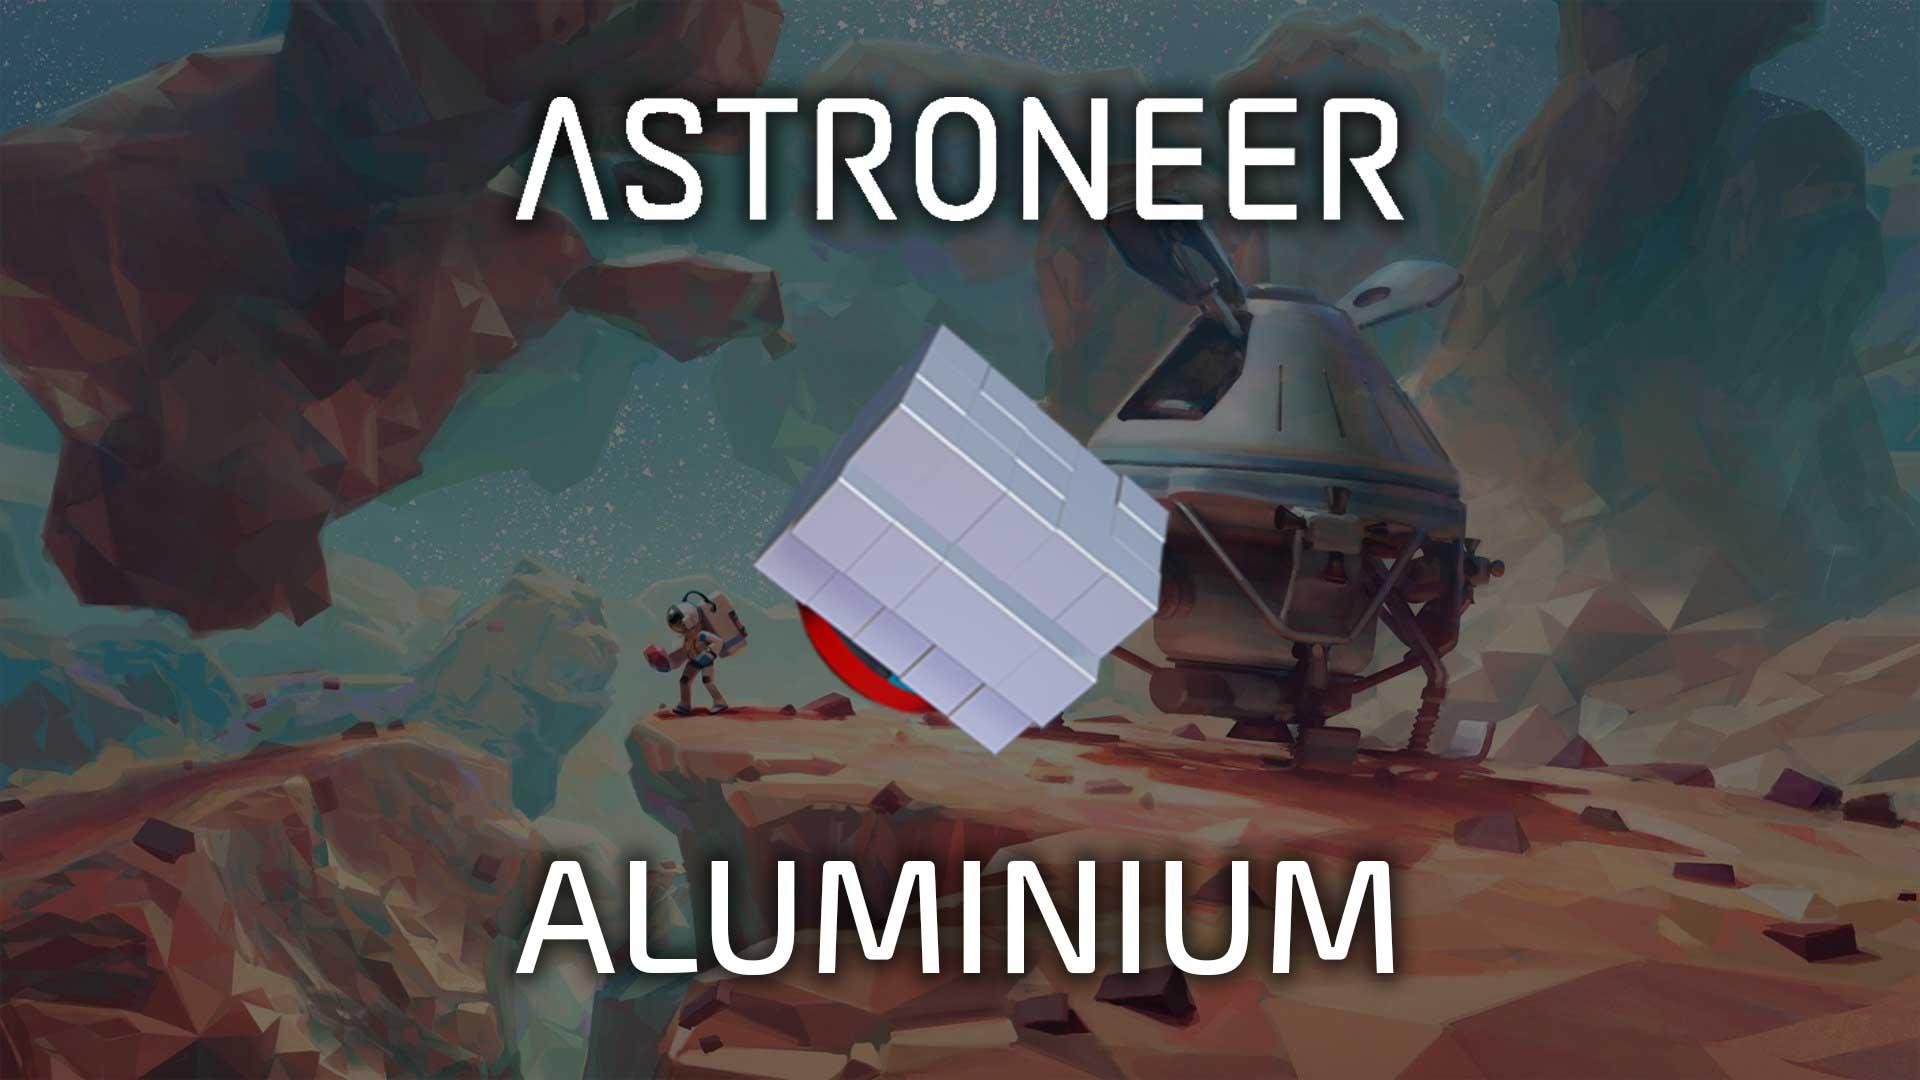 astroneer aluminium